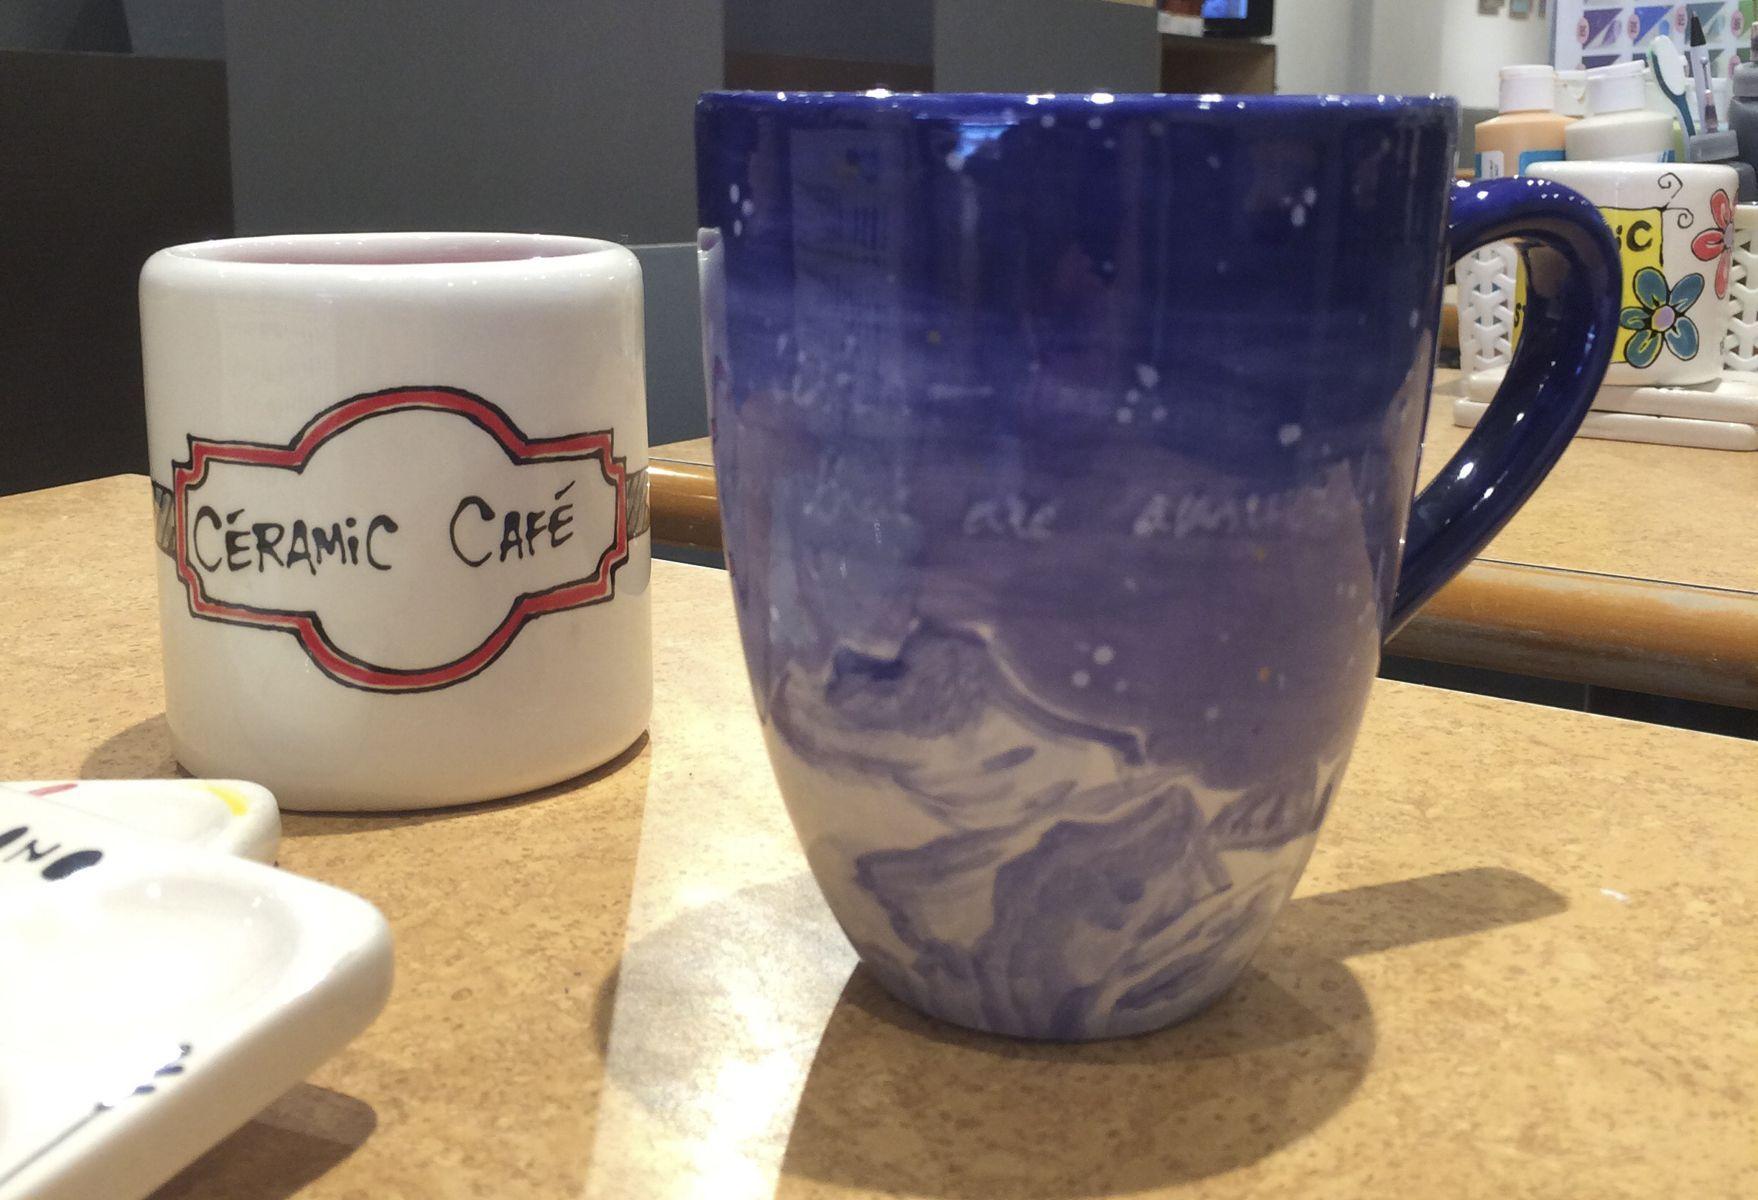 T8 tasse à café #ceramiccafe ceramic hand-painted do it yourself diy #ceramic #ceramicart coffee mug cup to go reusable original #ceramiccafe